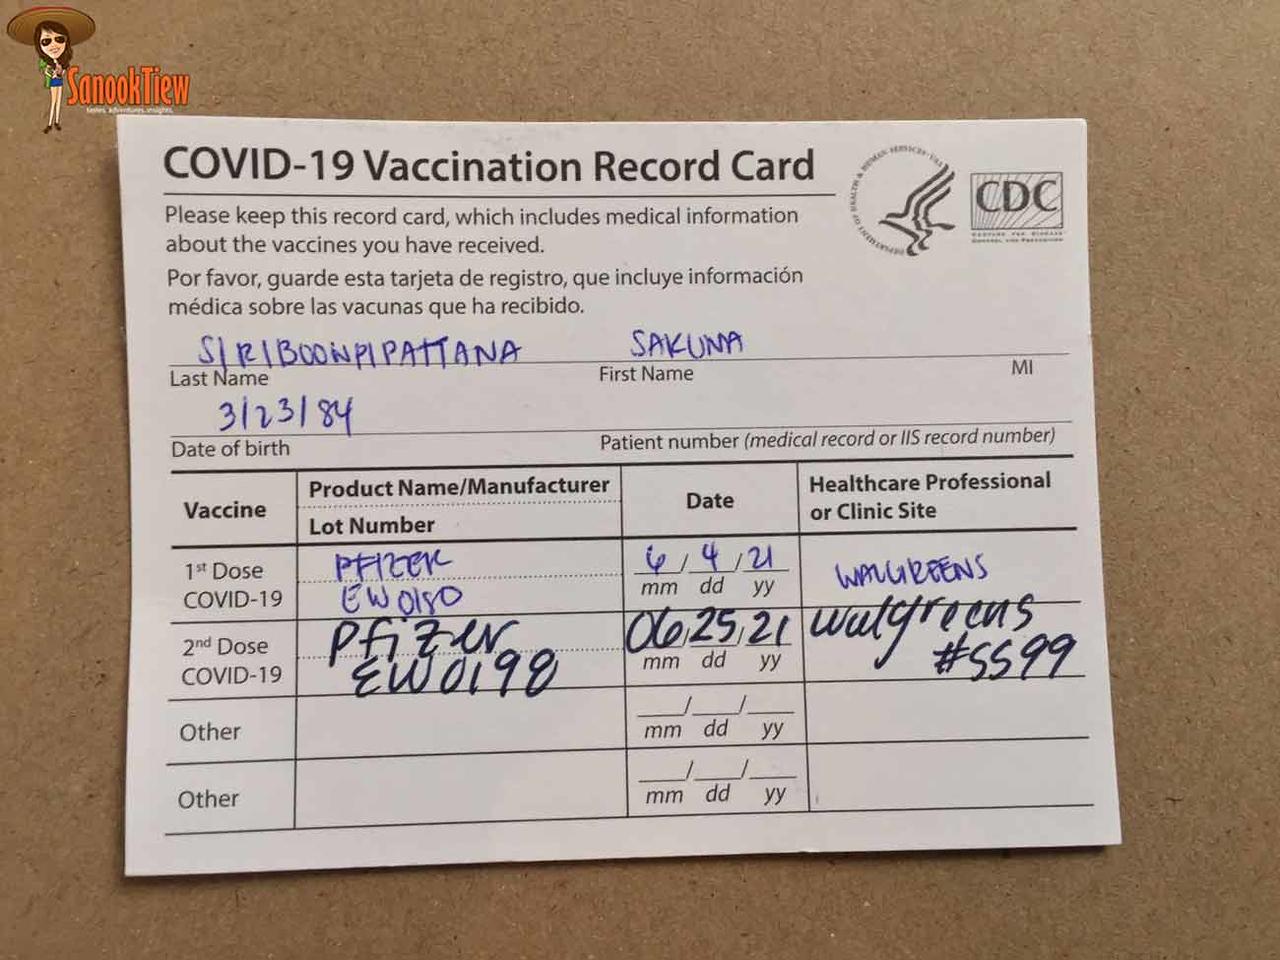 ไปฉีดวัคซีนที่อเมริกา ค่าใช้จ่าย? ใช้เอกสาร? บนเครื่องบินมีอาหาร? ตม.ถาม? ต้องกักตัว? และ ขั้นตอนการฉีดวัคซีน